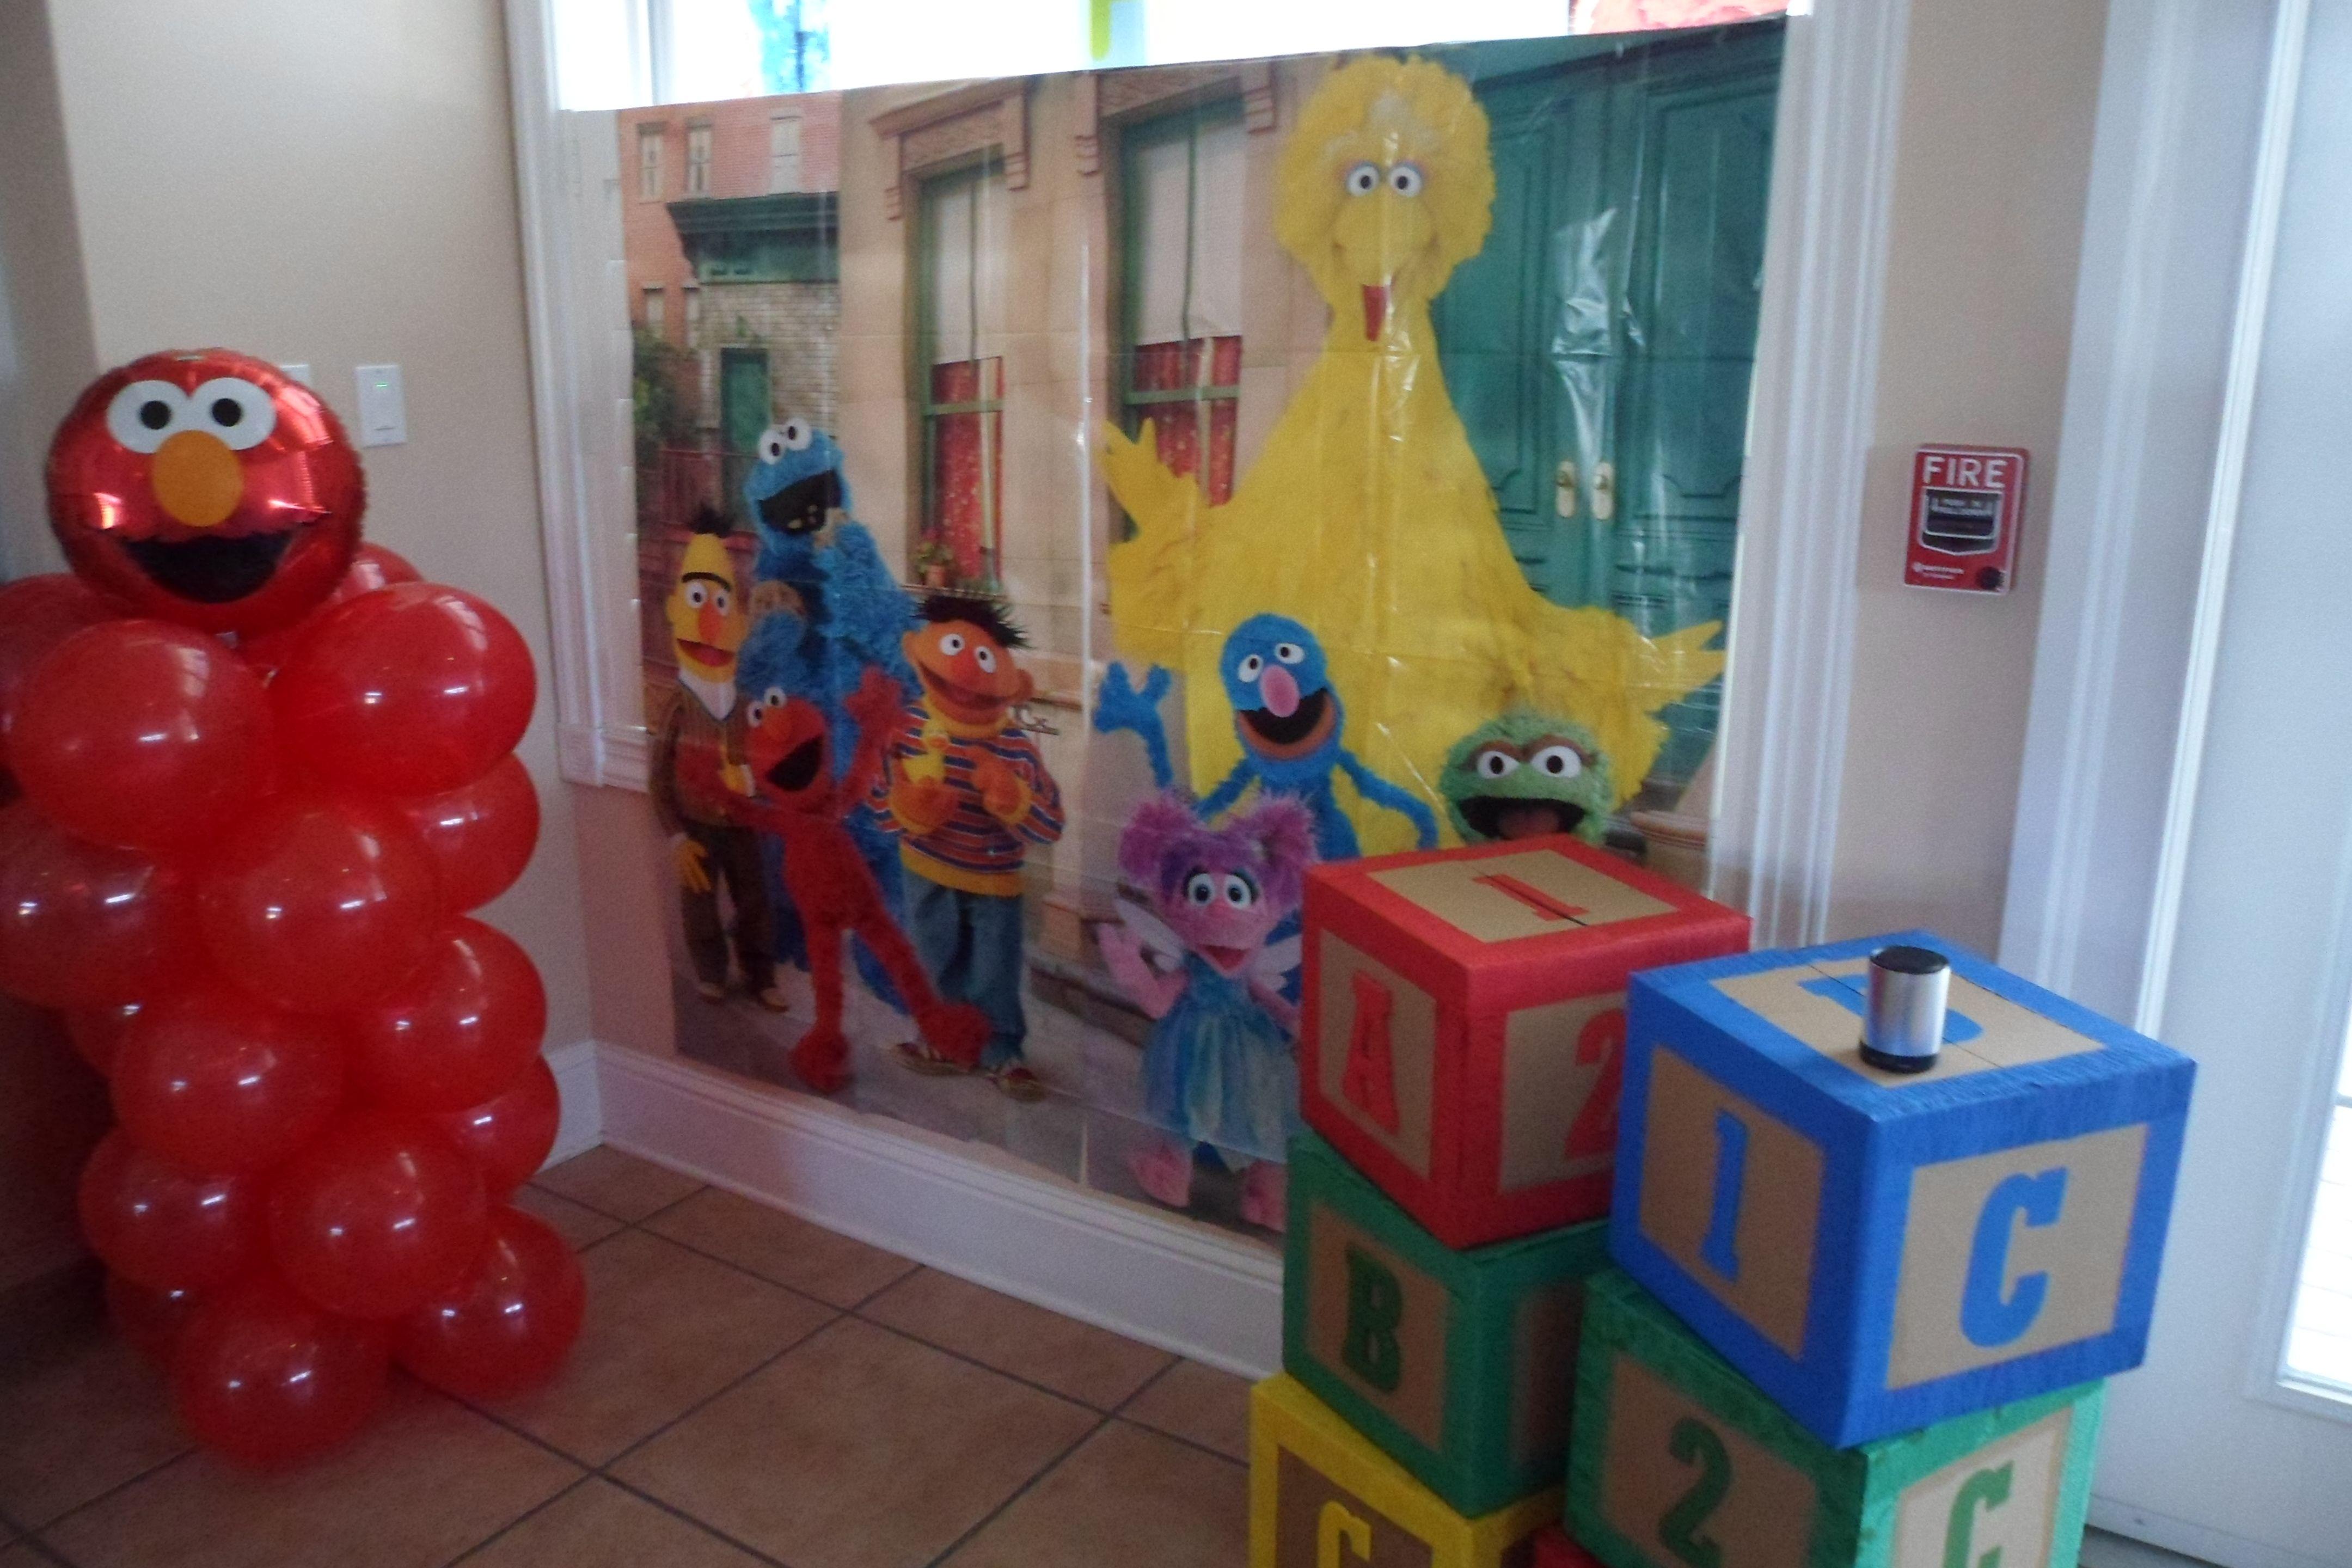 Diy balloon columns - Elmo Party Photo Backdrop With Elmo Diy Balloon Column And Abc 123 Blocks On A